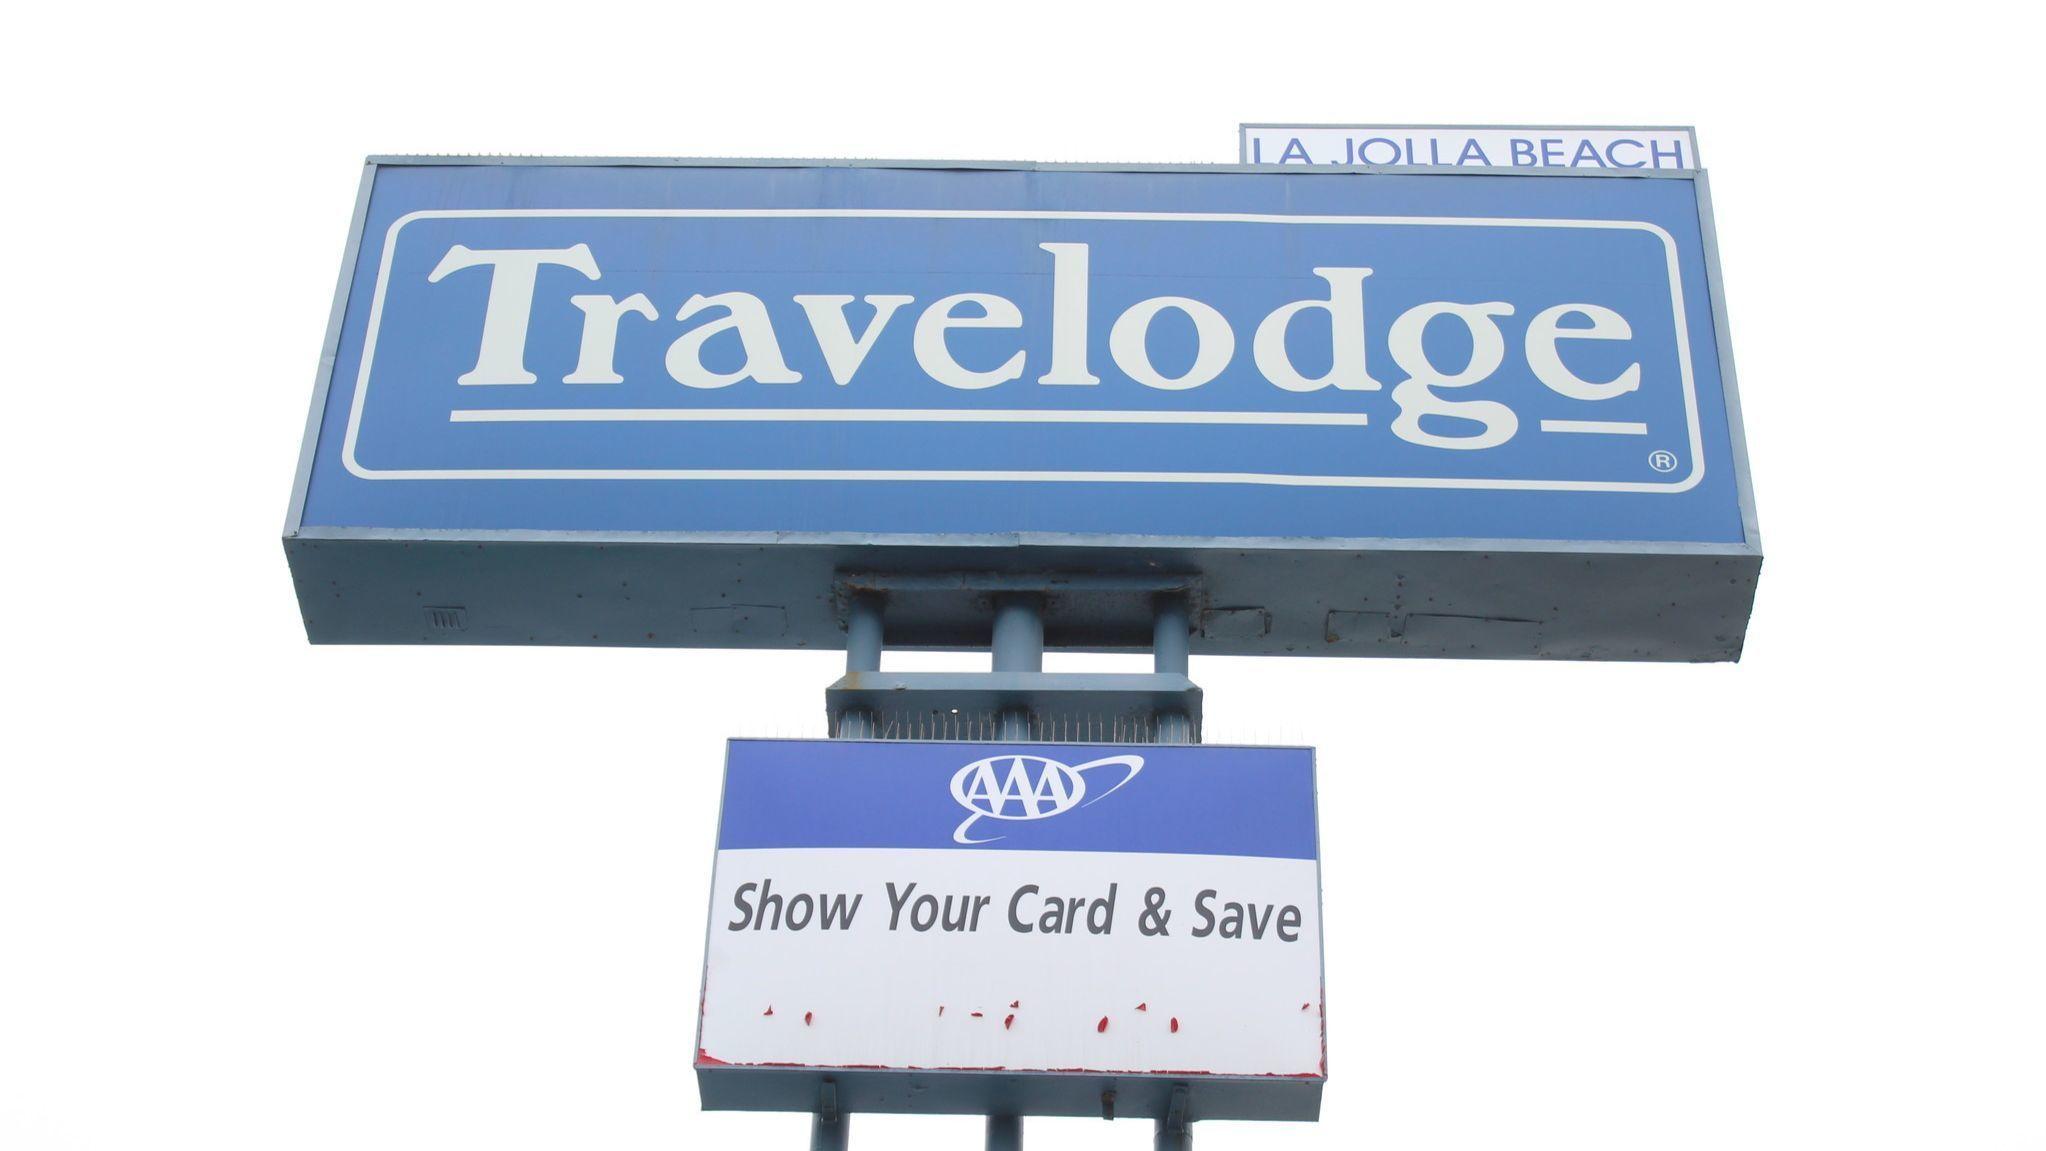 The iconic La Jolla Travelodge sign enjoys its last days.